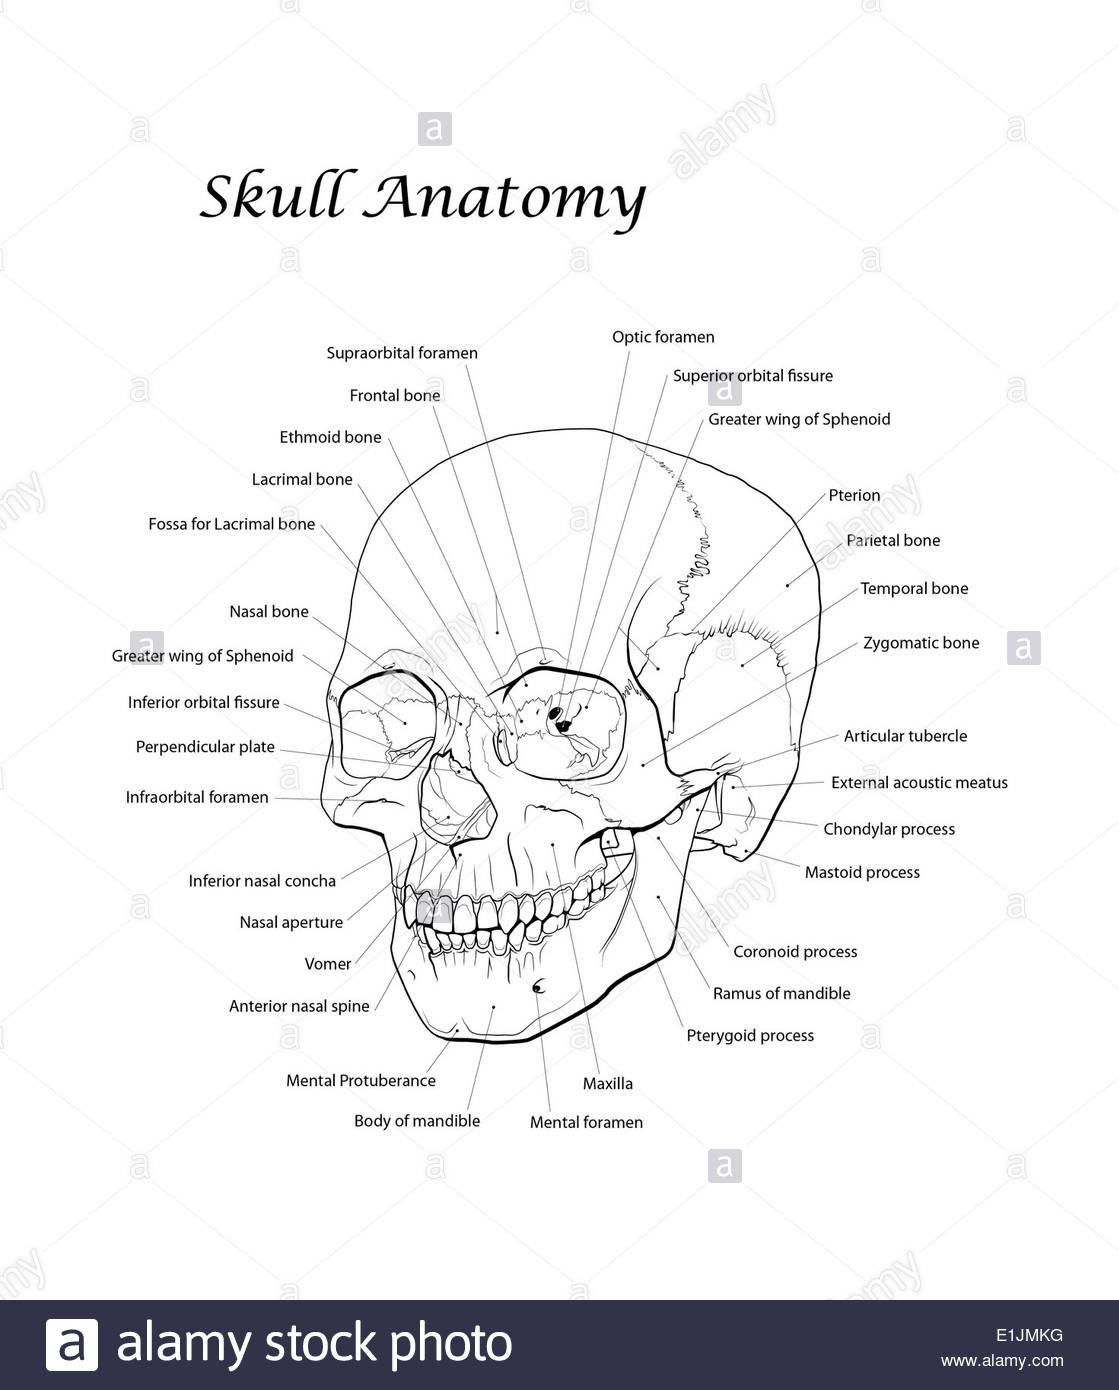 Occipital Bone Imágenes De Stock & Occipital Bone Fotos De Stock ...